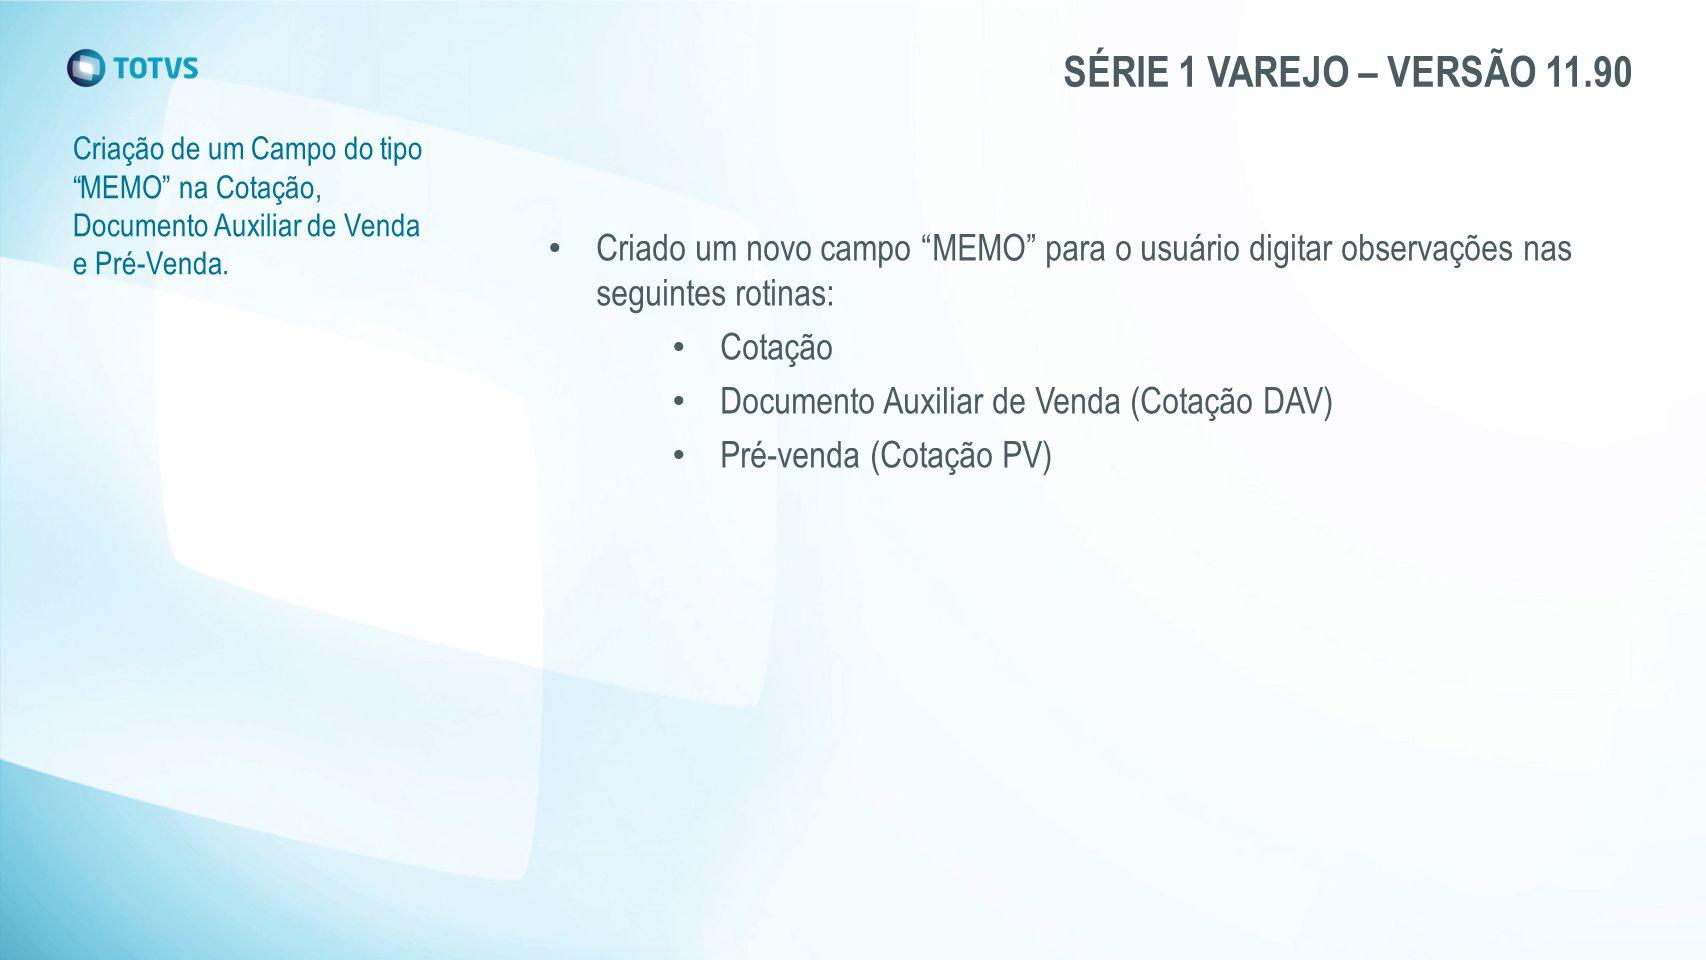 """SÉRIE 1 VAREJO – VERSÃO 11.90 Criação de um Campo do tipo """"MEMO"""" na Cotação, Documento Auxiliar de Venda e Pré-Venda. Criado um novo campo """"MEMO"""" para"""